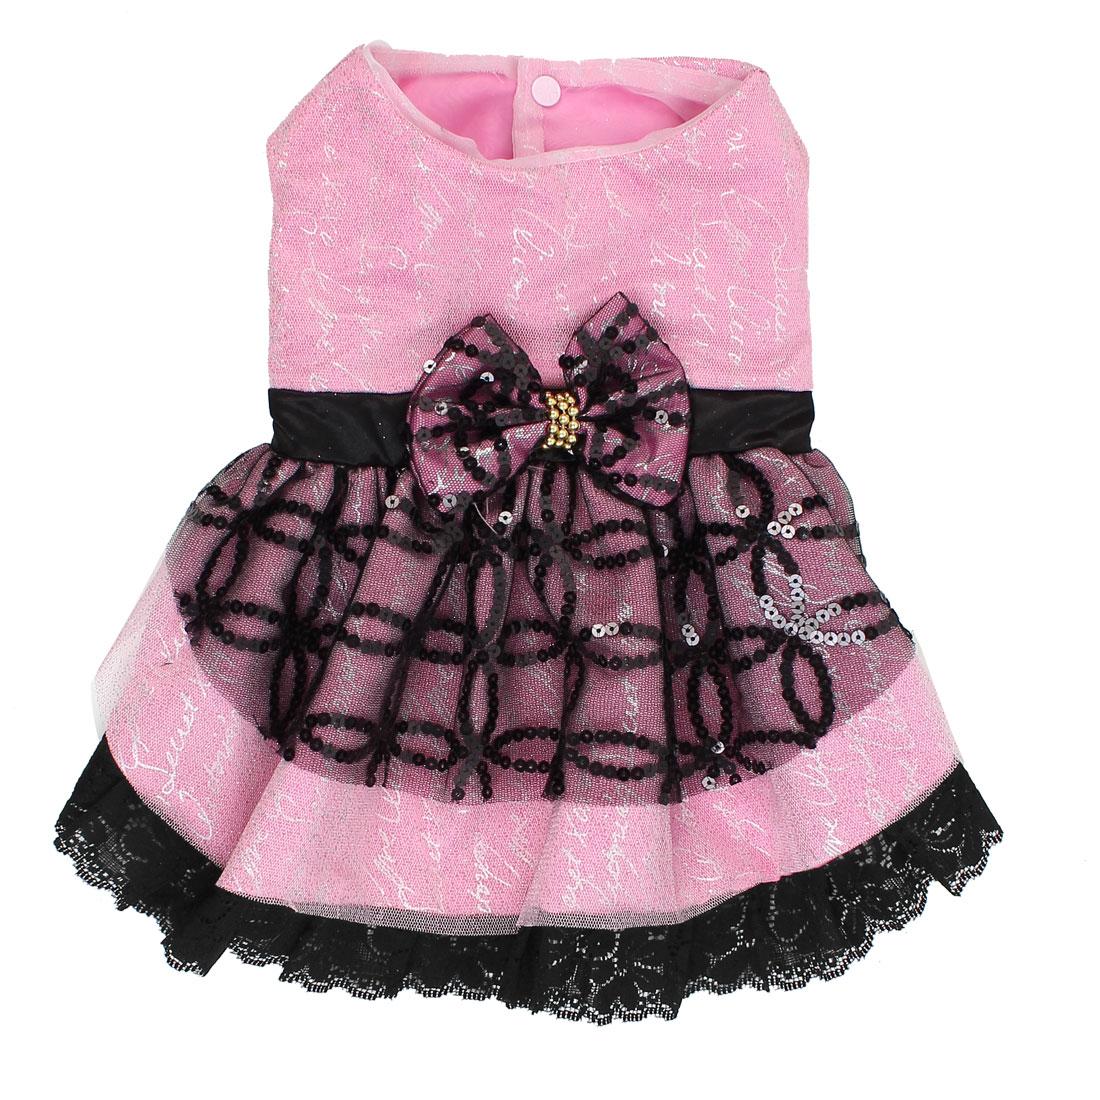 Pet Cat Sequins Bowknot Lace Decor Wedding Dress Skirt Pink Black Size L